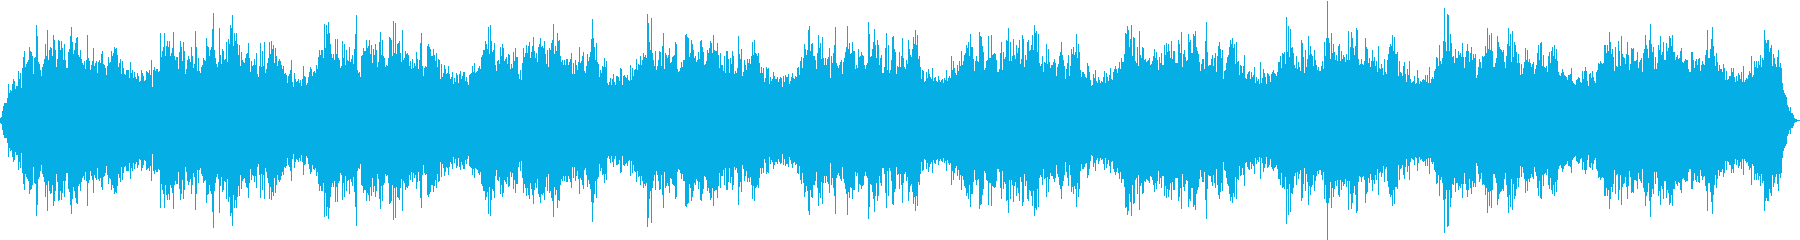 宇宙空間を移動するアンビエントの再生済みの波形